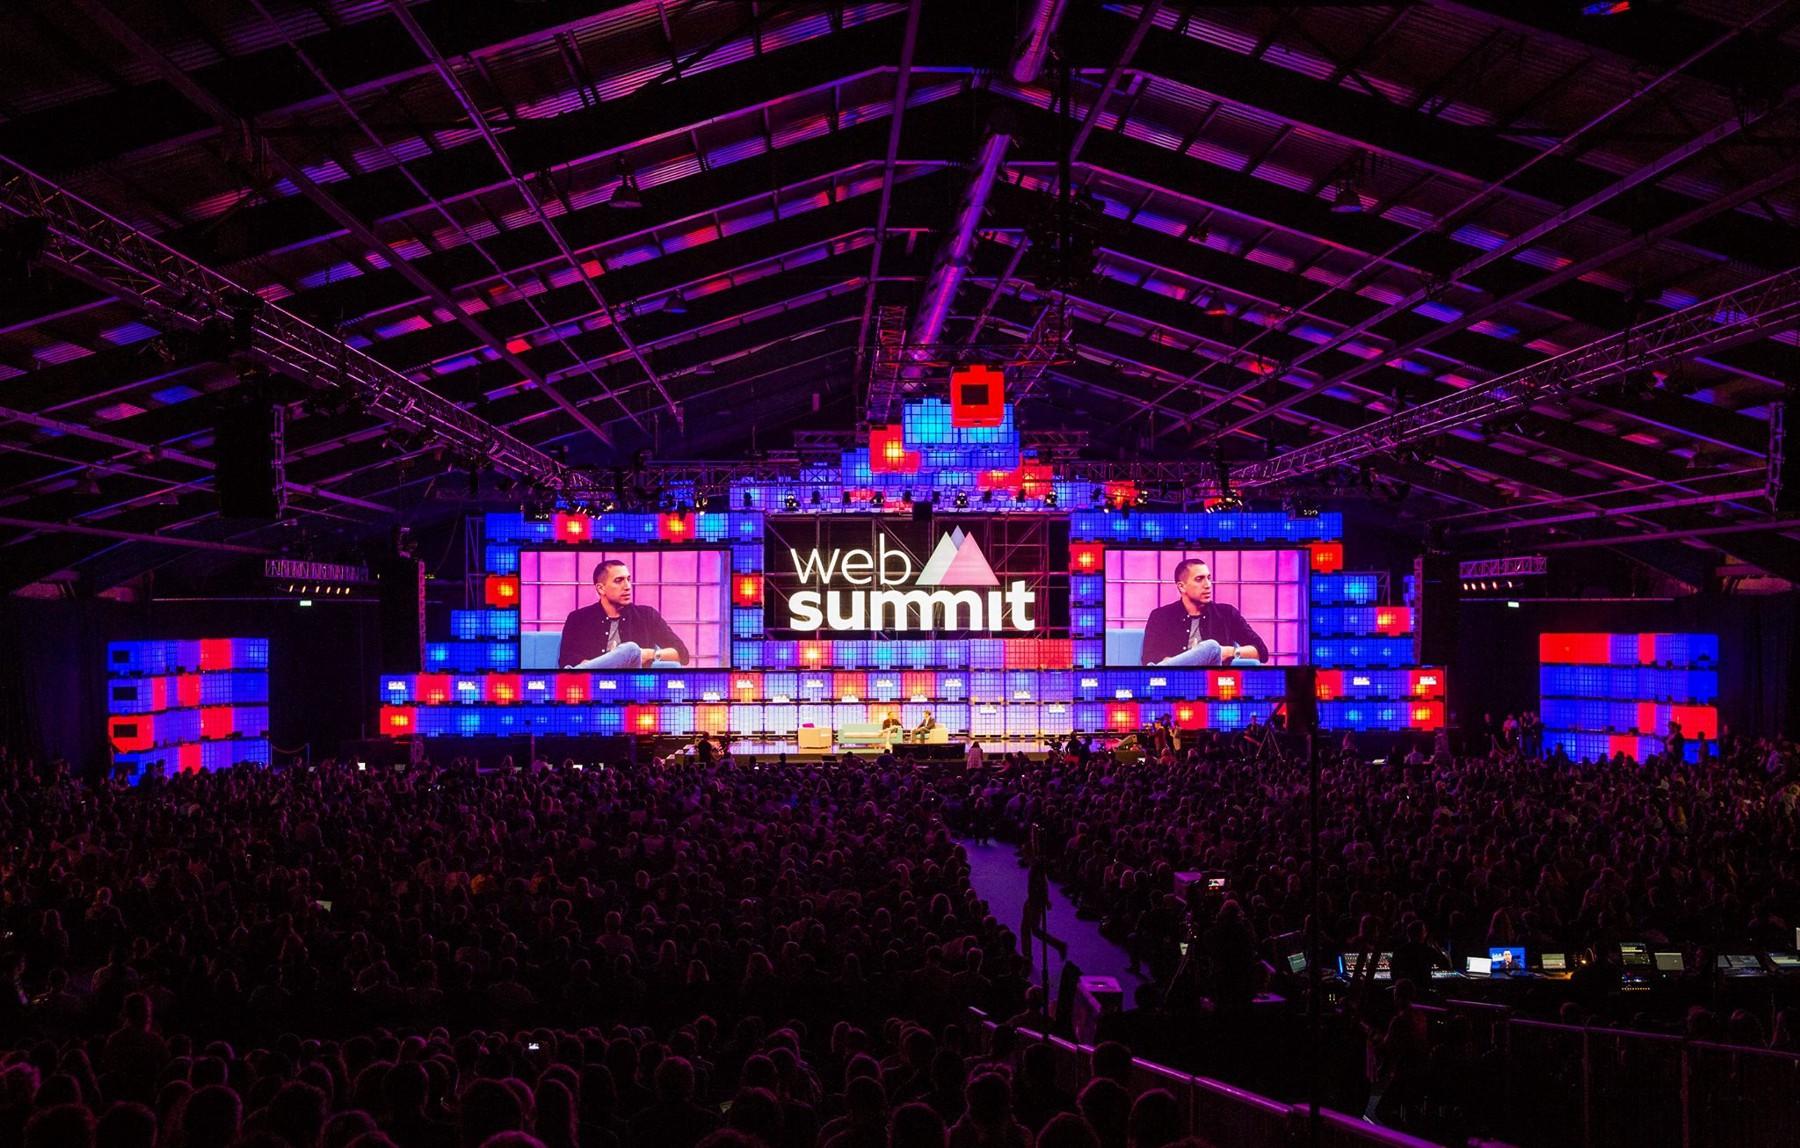 Como orientar-se no Web Summit? O seu melhor amigo é uma app